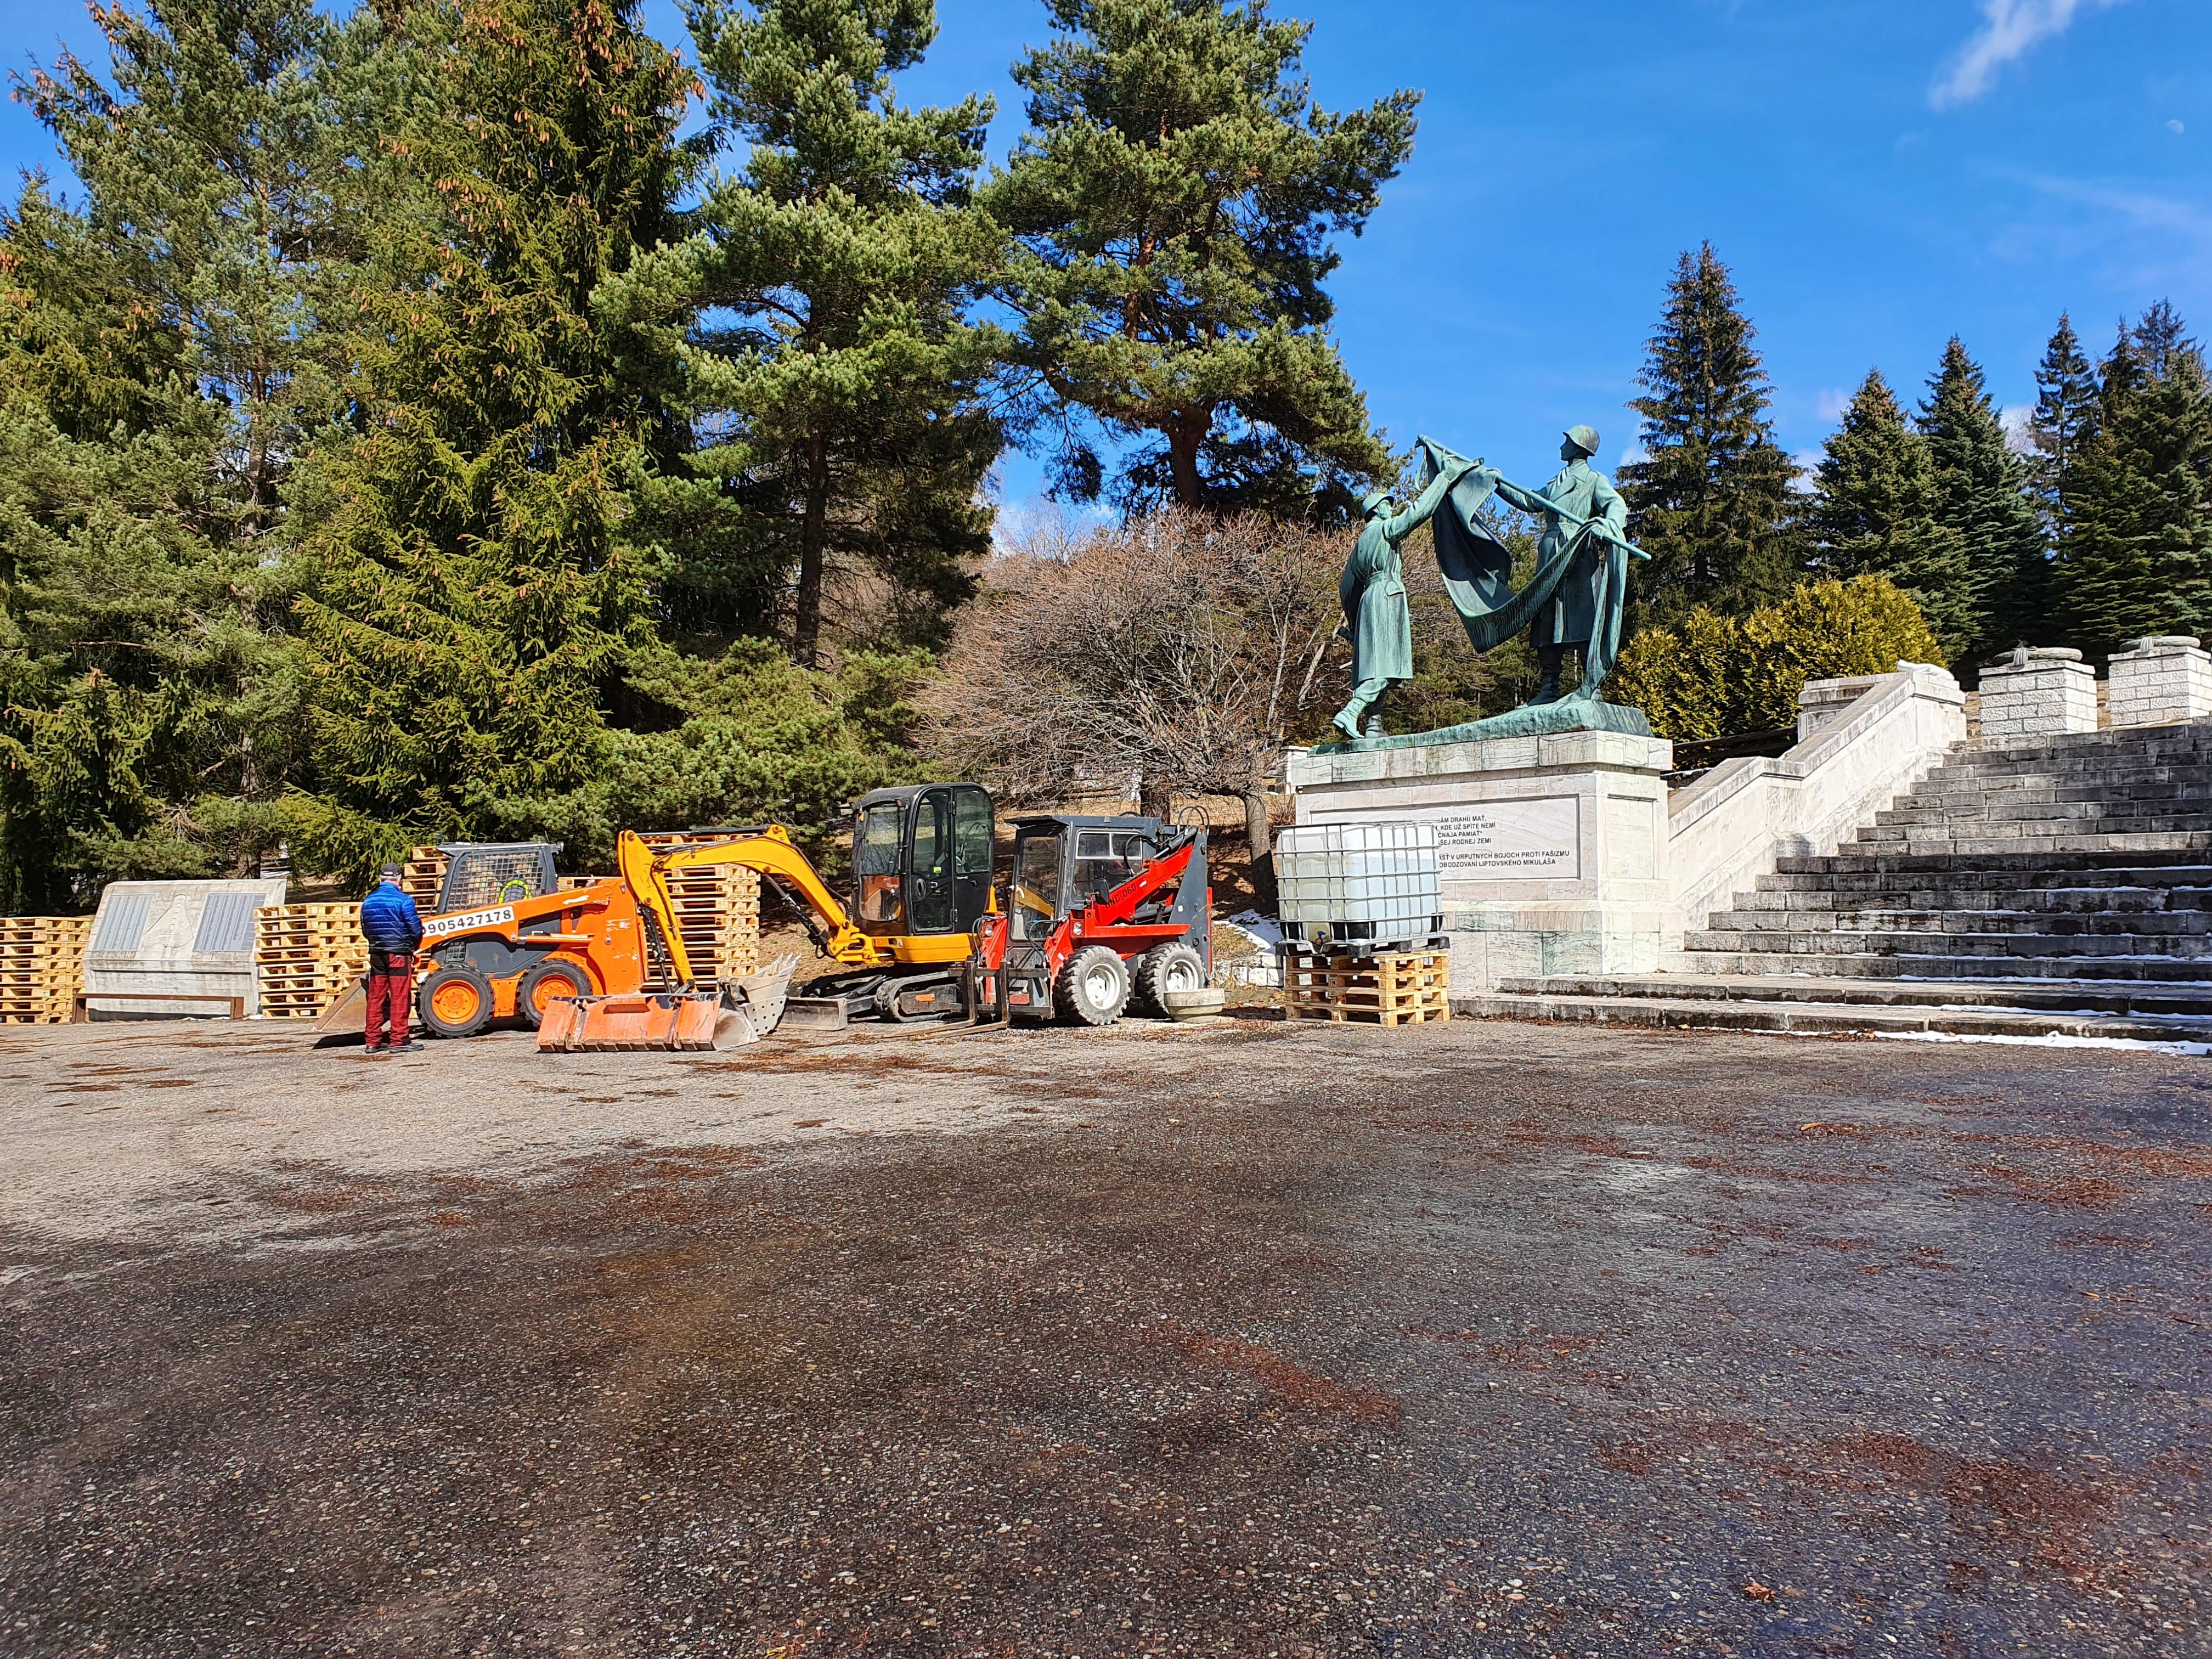 Pietne miesto nad Liptovským Mikulášom si obnovou upevňuje ambíciu stať sa národným vojnovým cintorínom